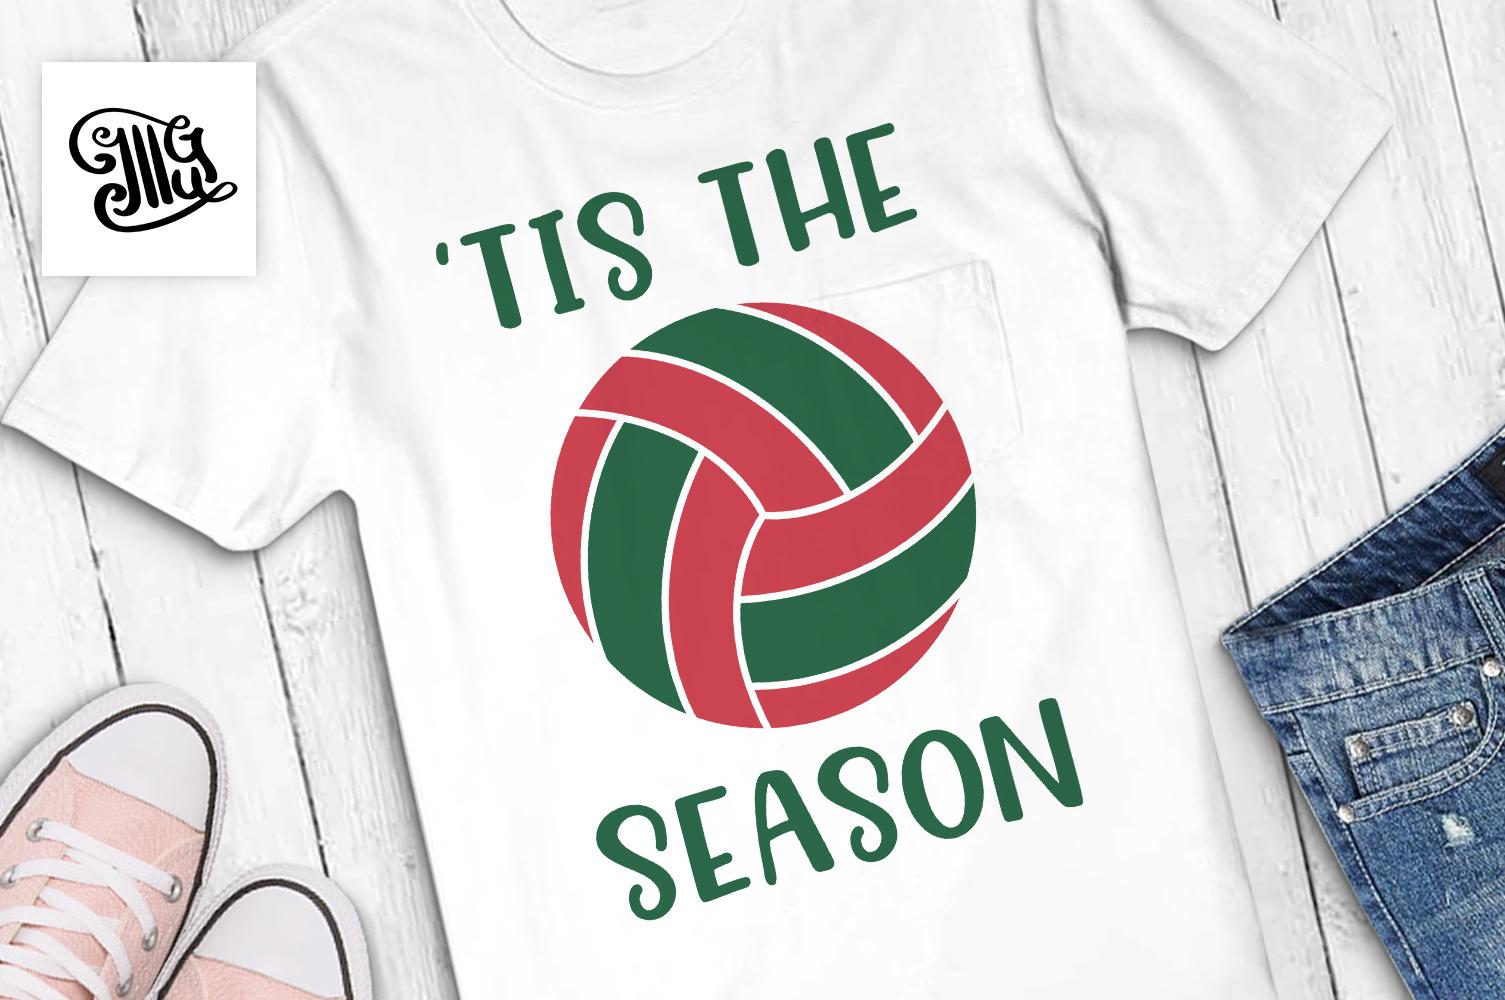 Tis the season example image 1